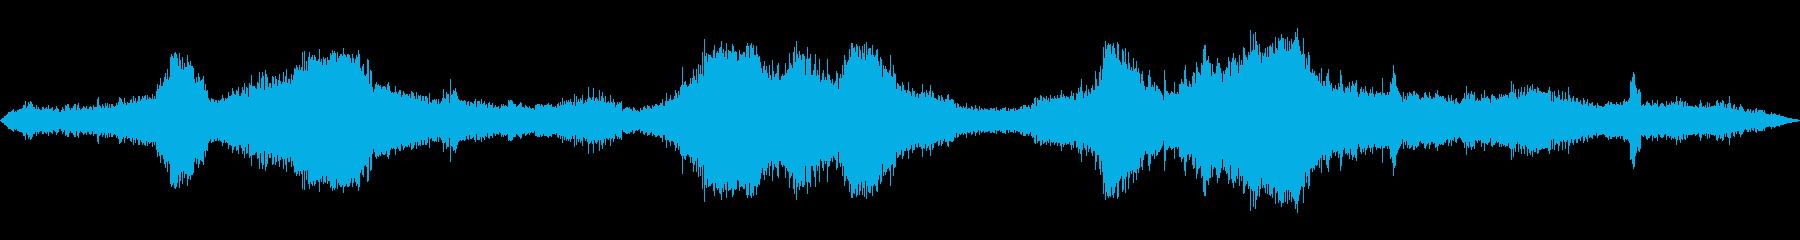 ローラーコースター:パスバイ、3回...の再生済みの波形